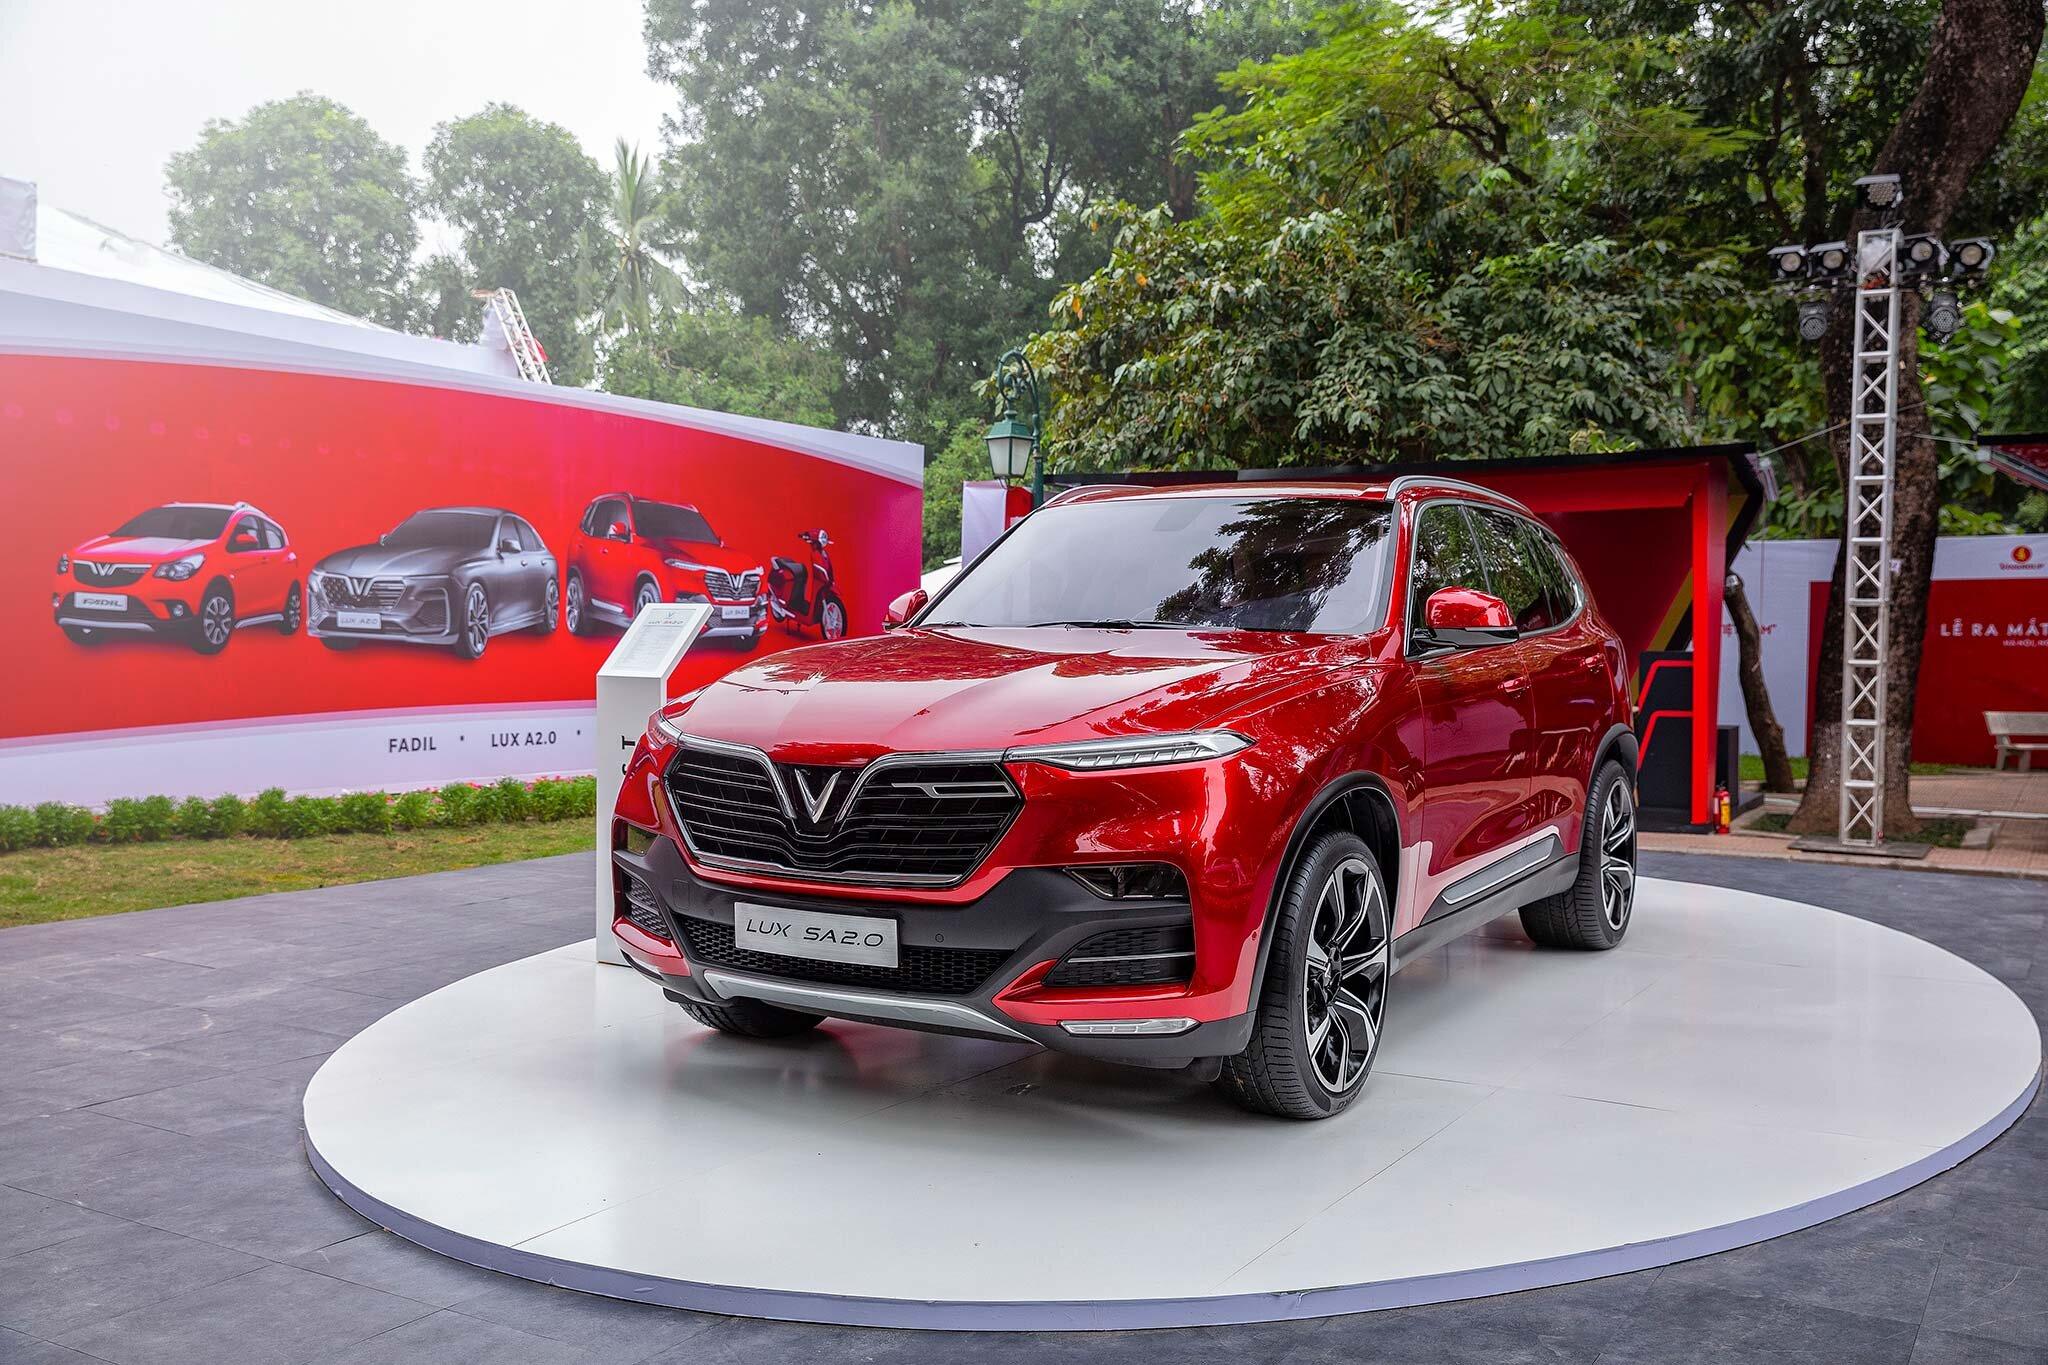 SUV SA2.0 VinFast sở hữu thiết kế trẻ trung, thể thao và năng động